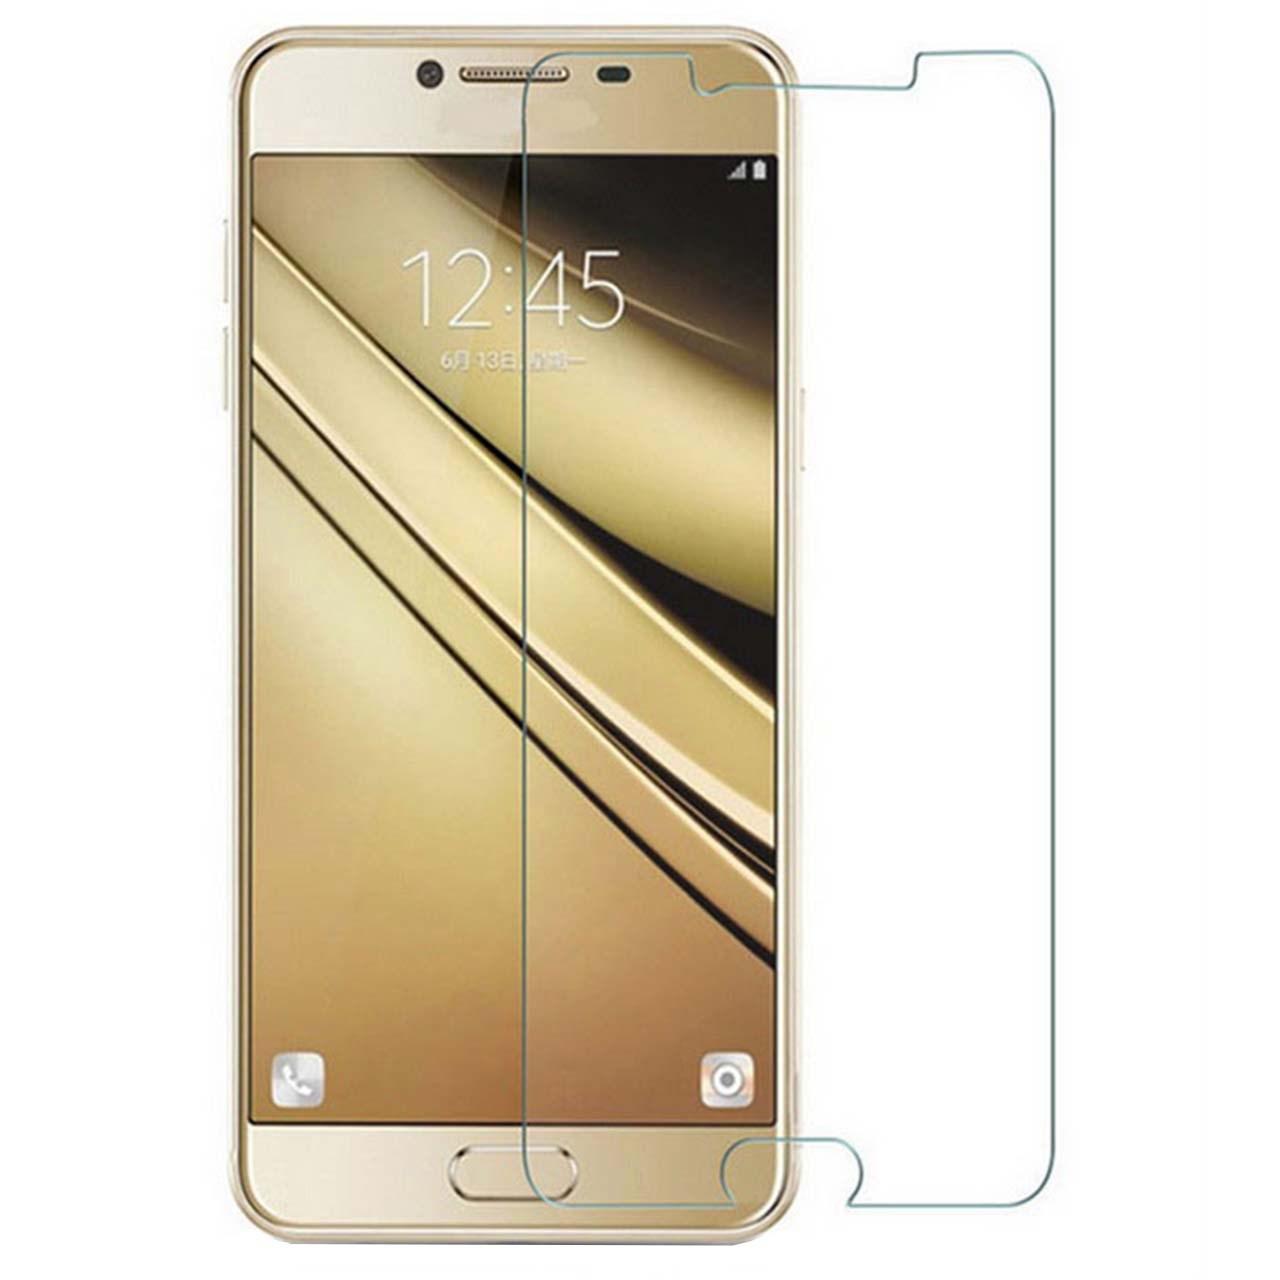 محافظ صفحه نمایش شیشه ای 9 اچ مناسب برای گوشی سامسونگ C5